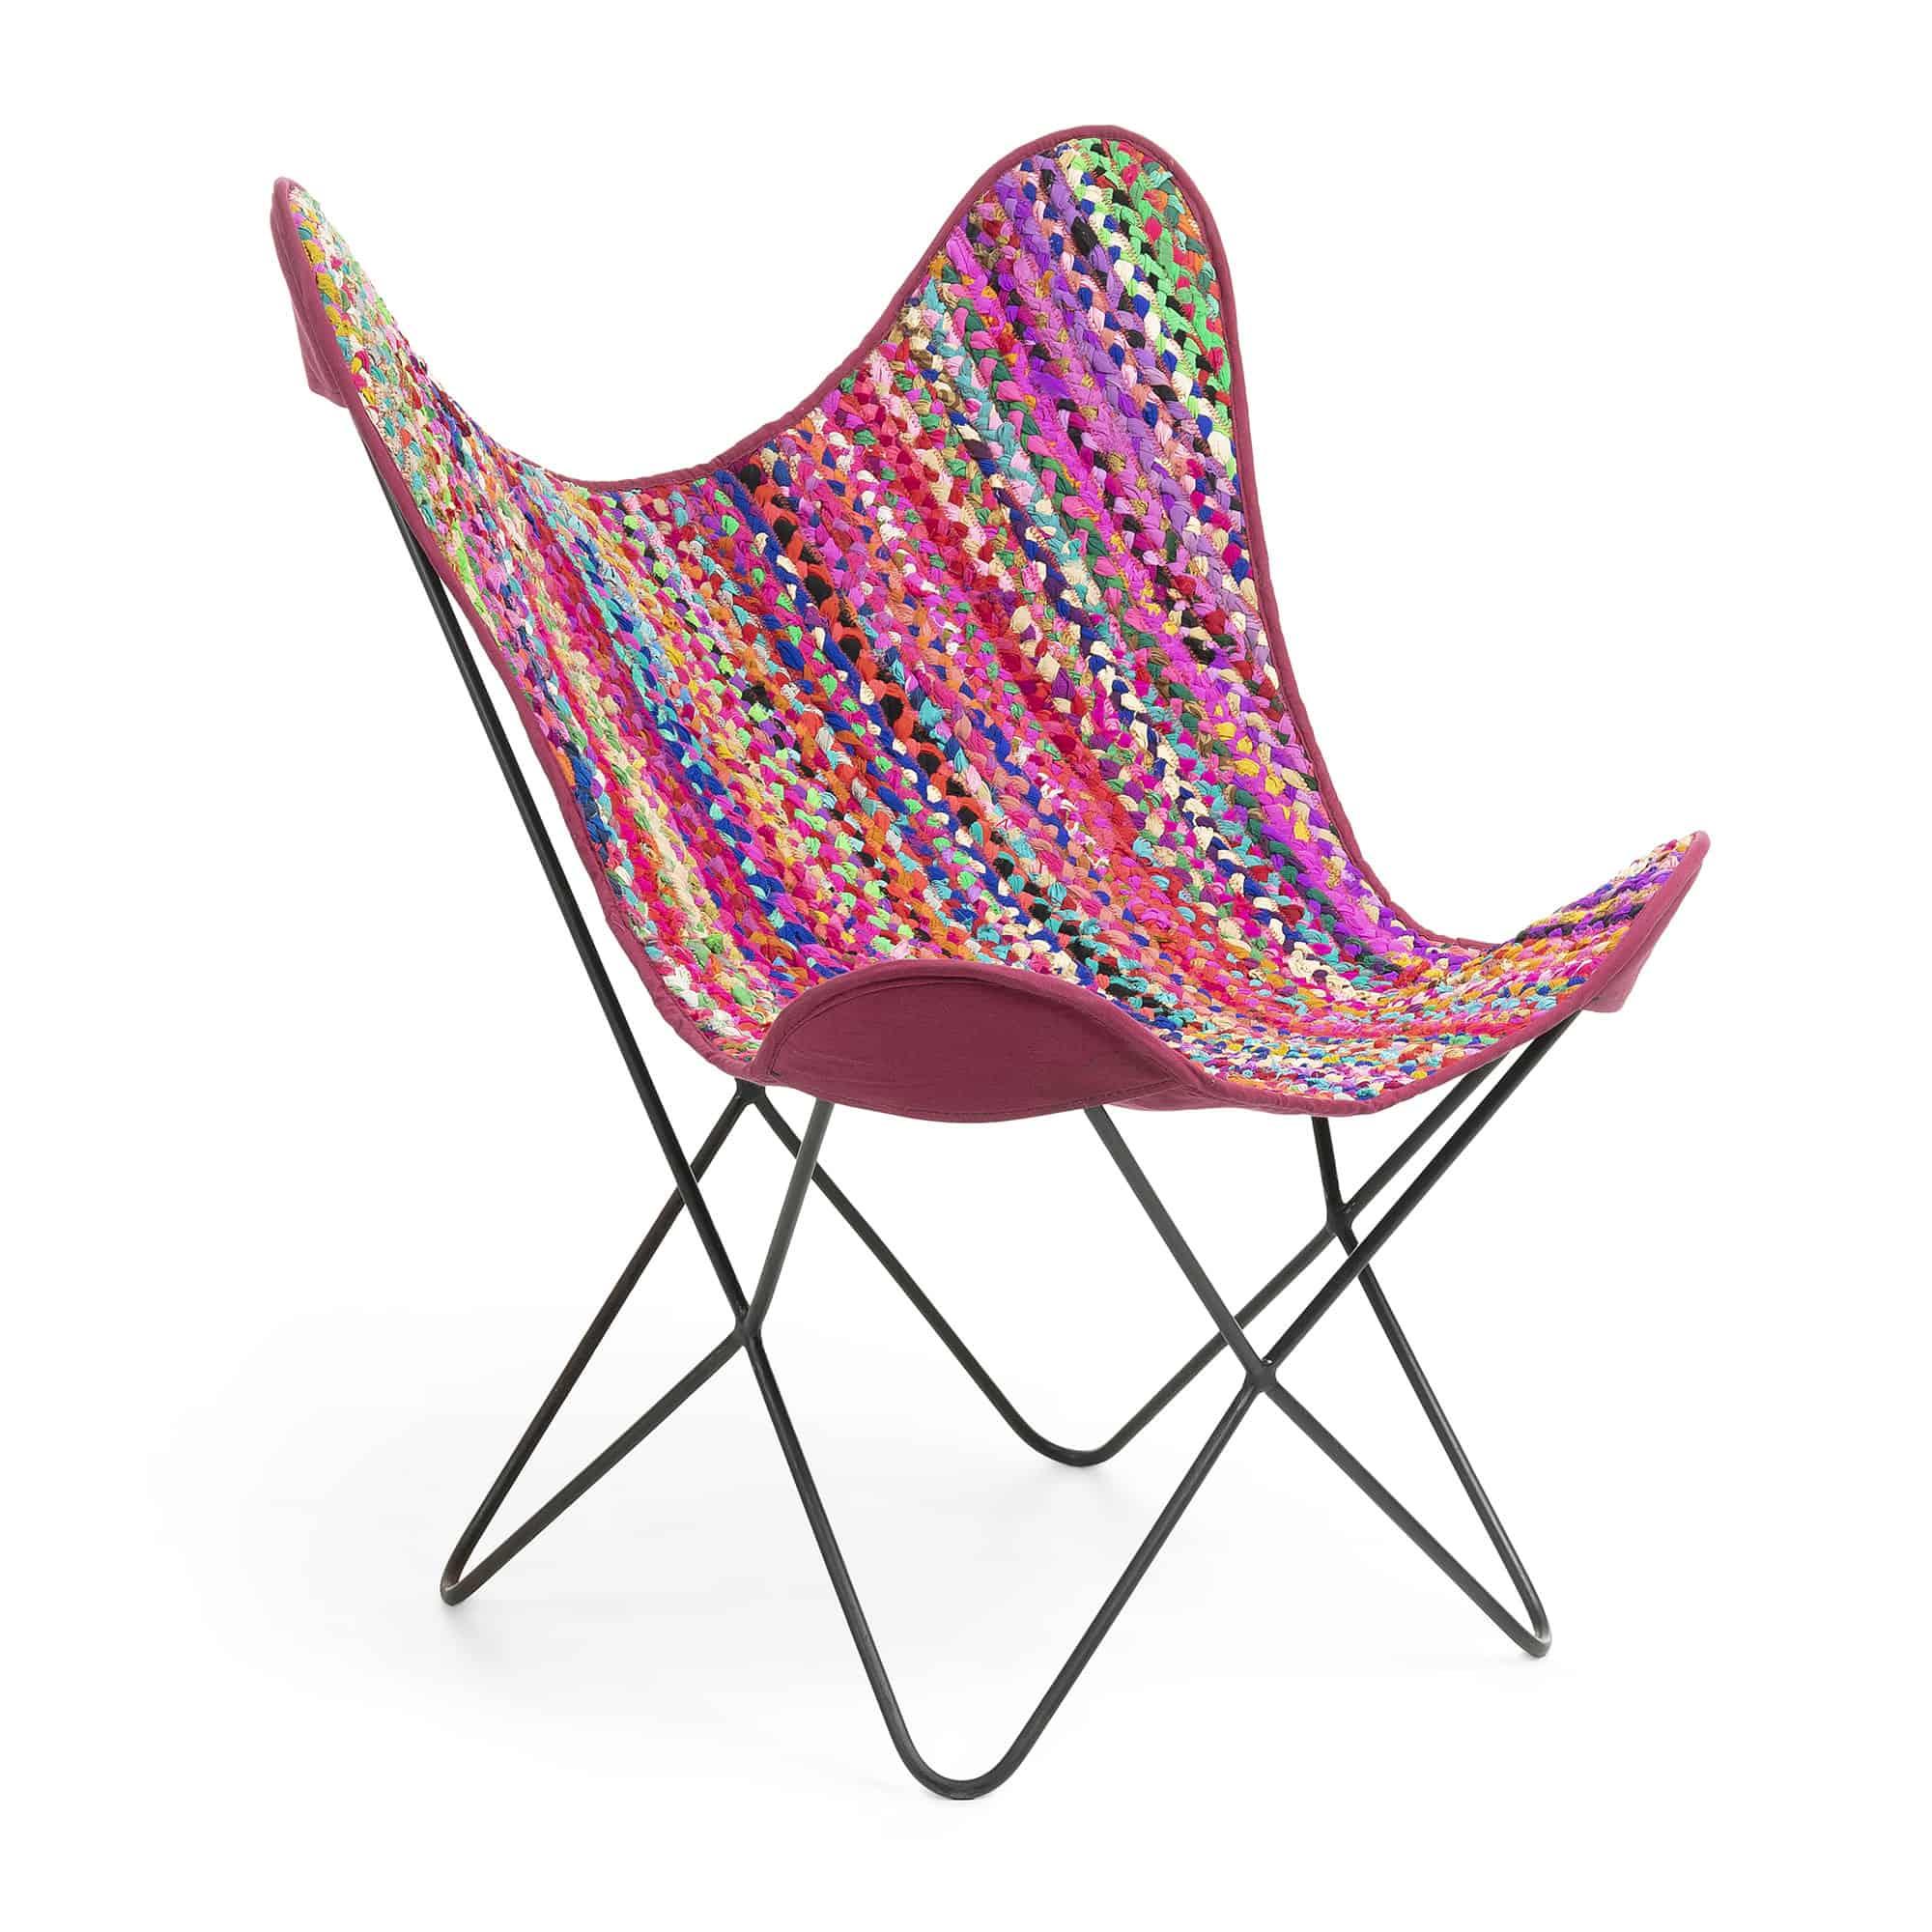 Butterfly stol 2020 Købsguide | Priser, modeller og tilbud